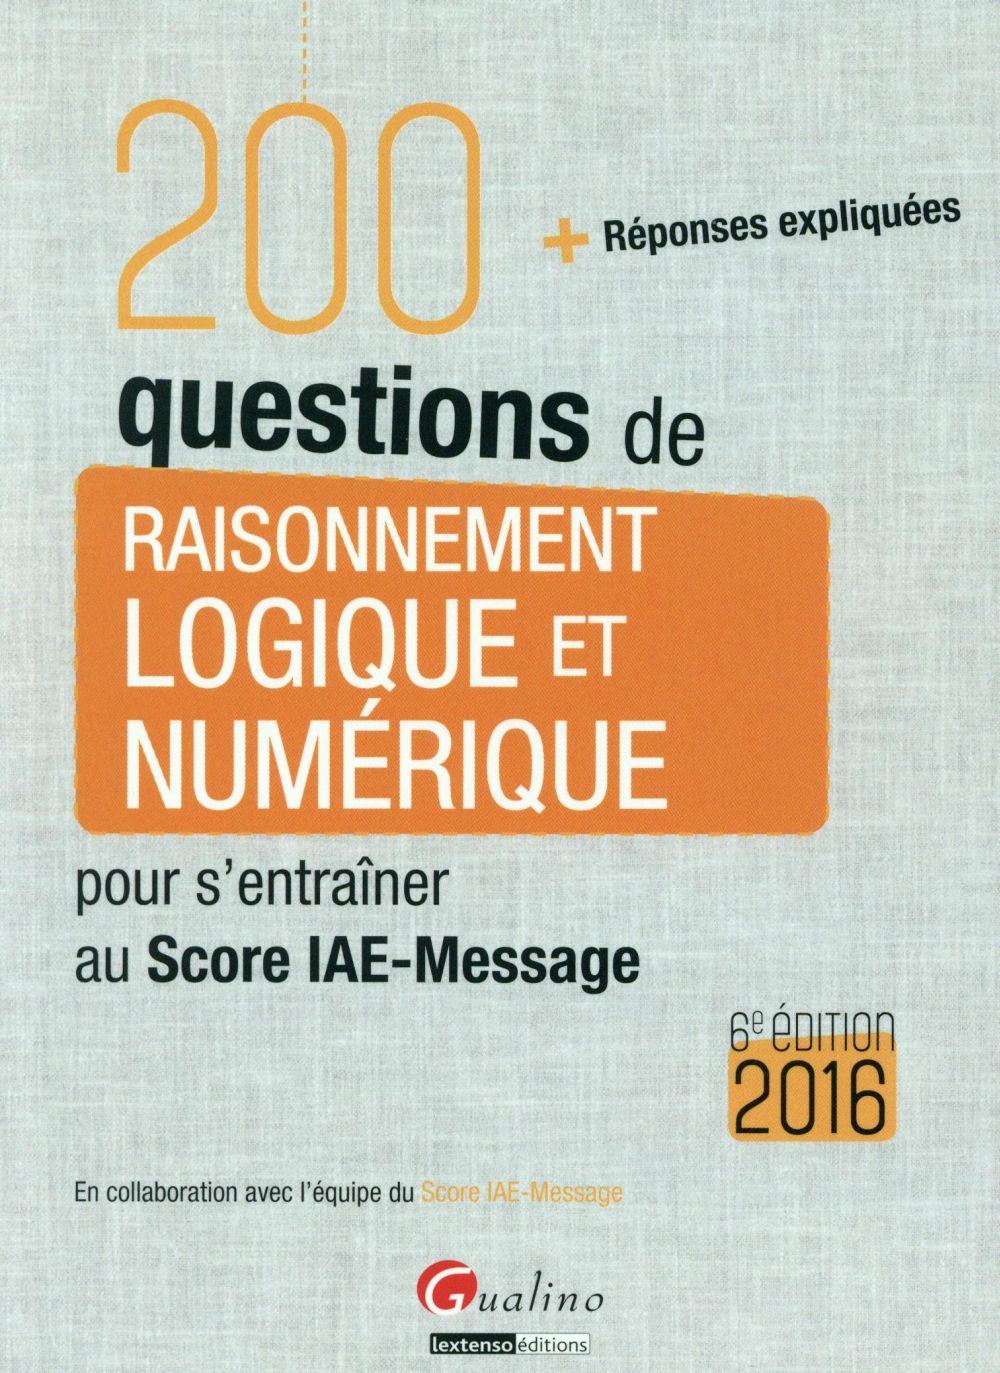 200 questions de raisonnement logique et numérique pour s'entraîner au Score IAE-Message 2016 (6e édition)